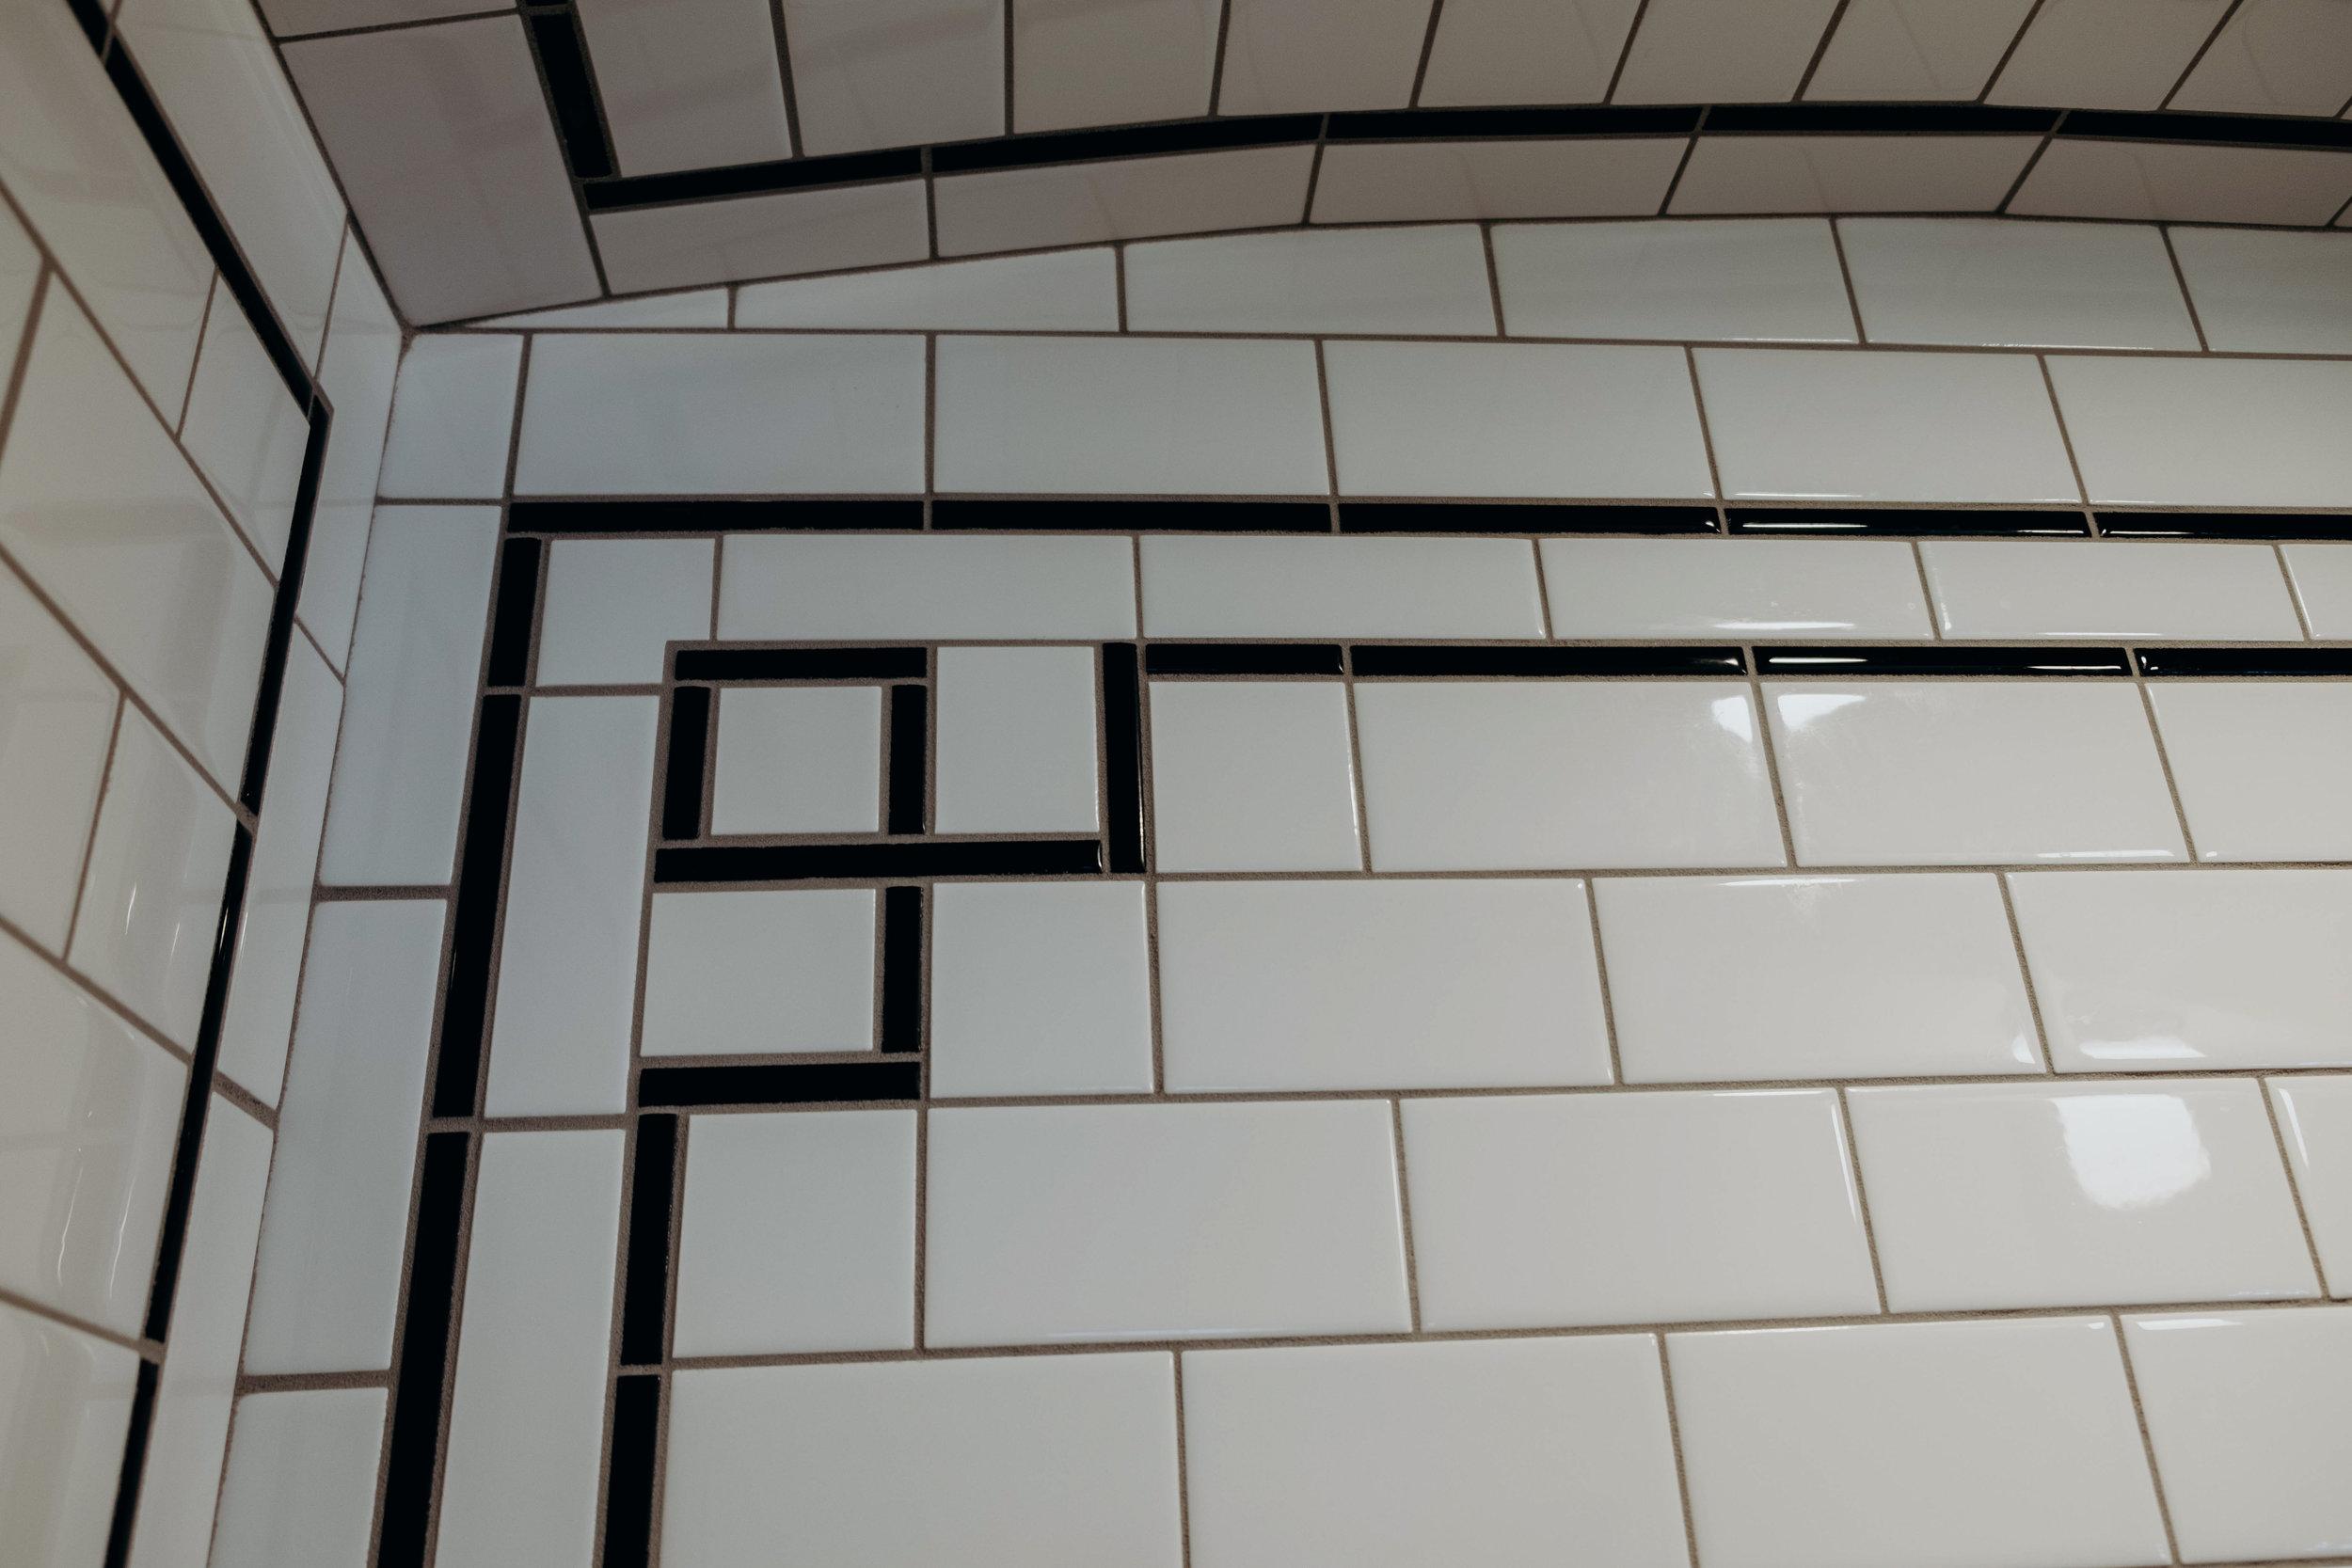 Andersonbathroom14-37.jpg